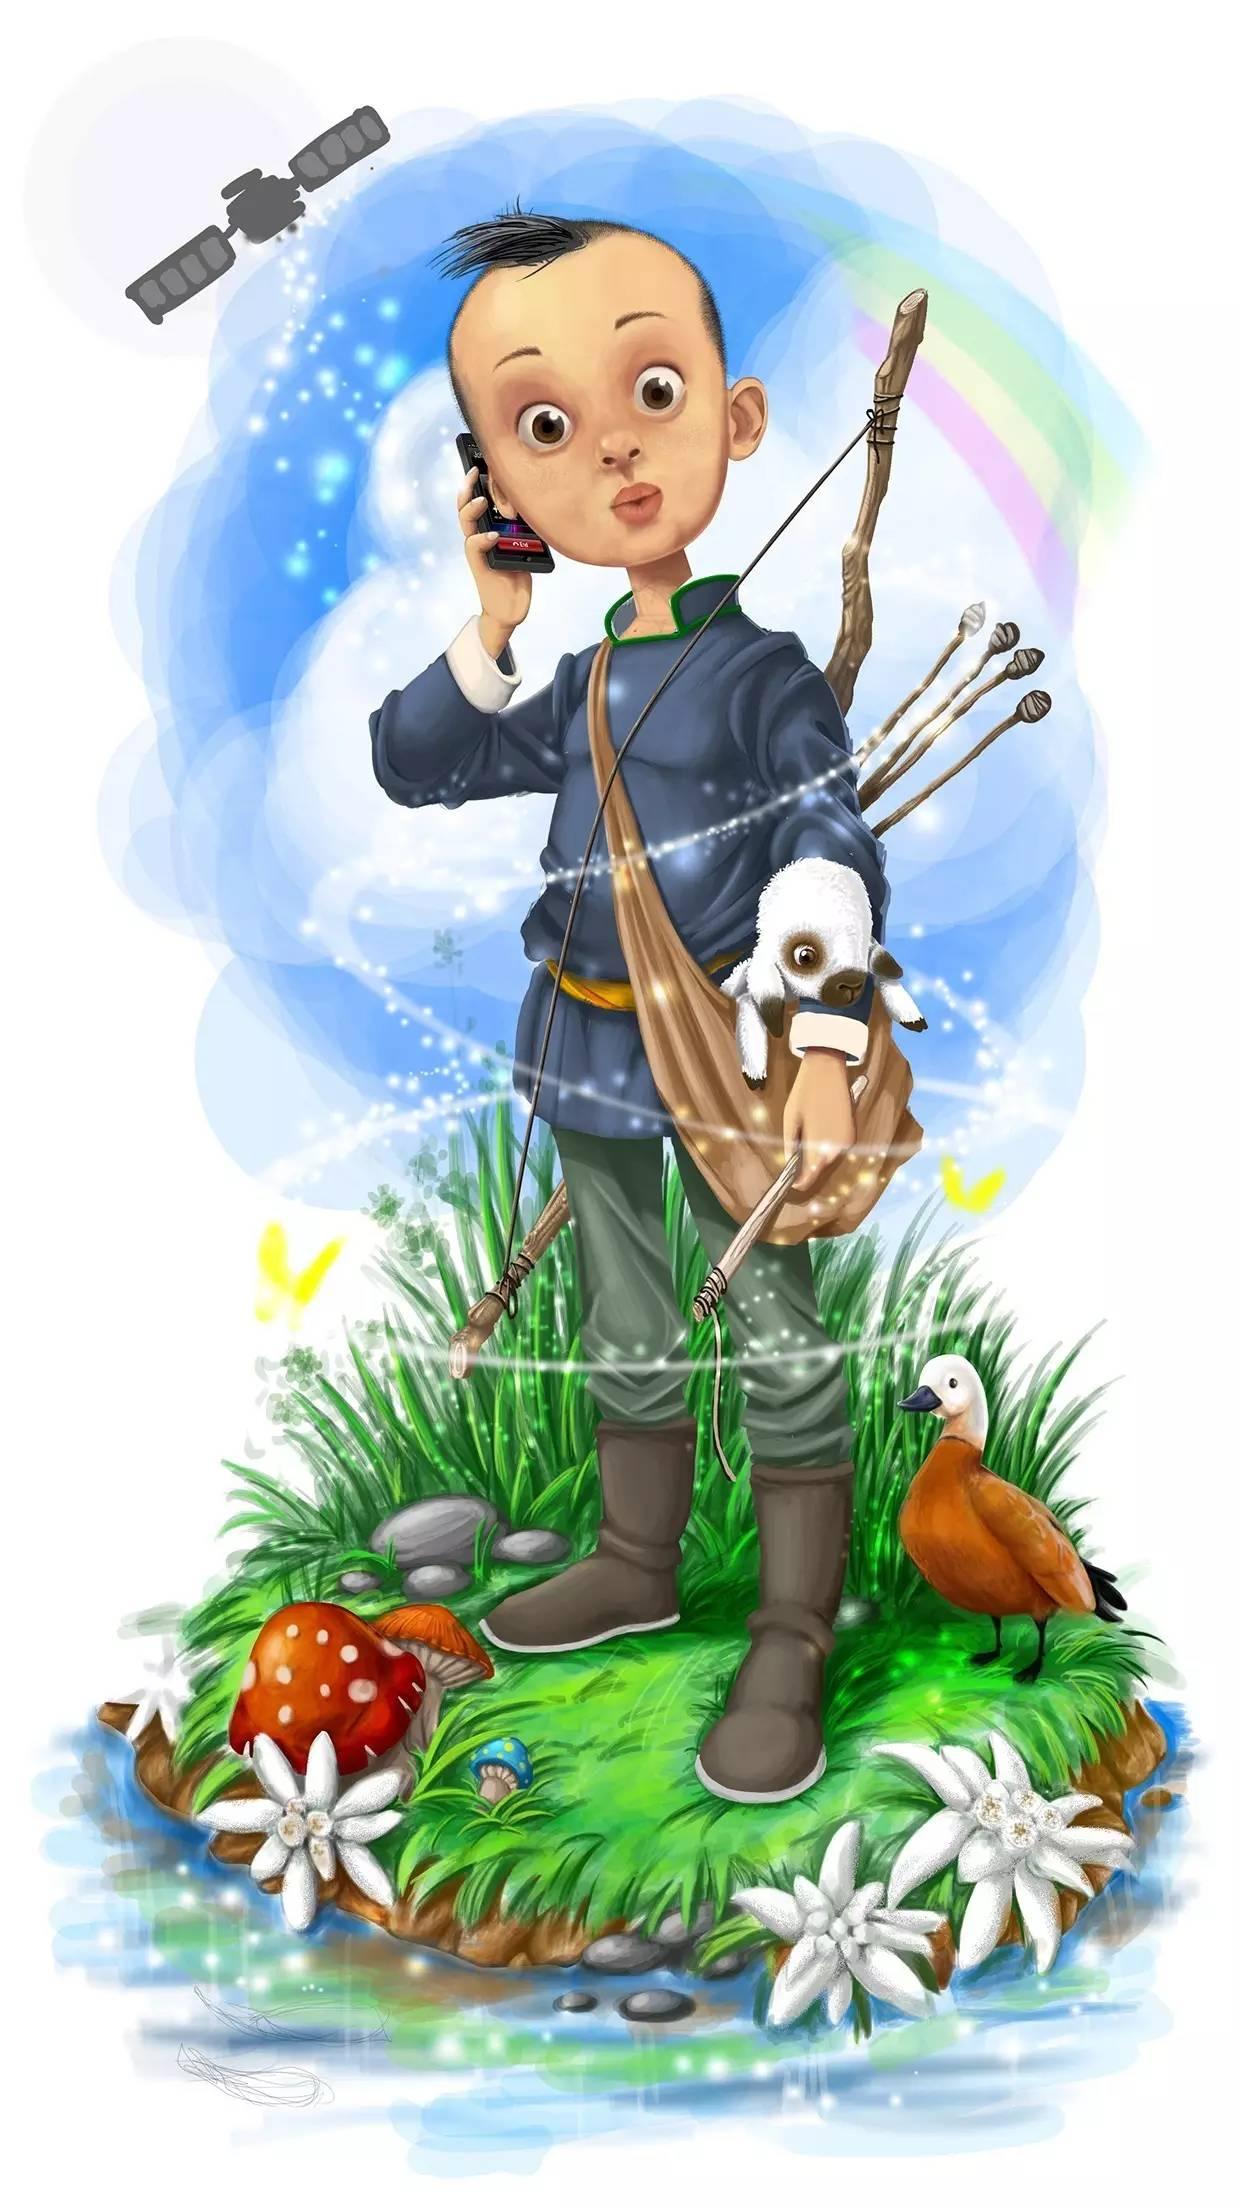 插画   enkhtur bayrsaikhan笔下的蒙古族小孩 第4张